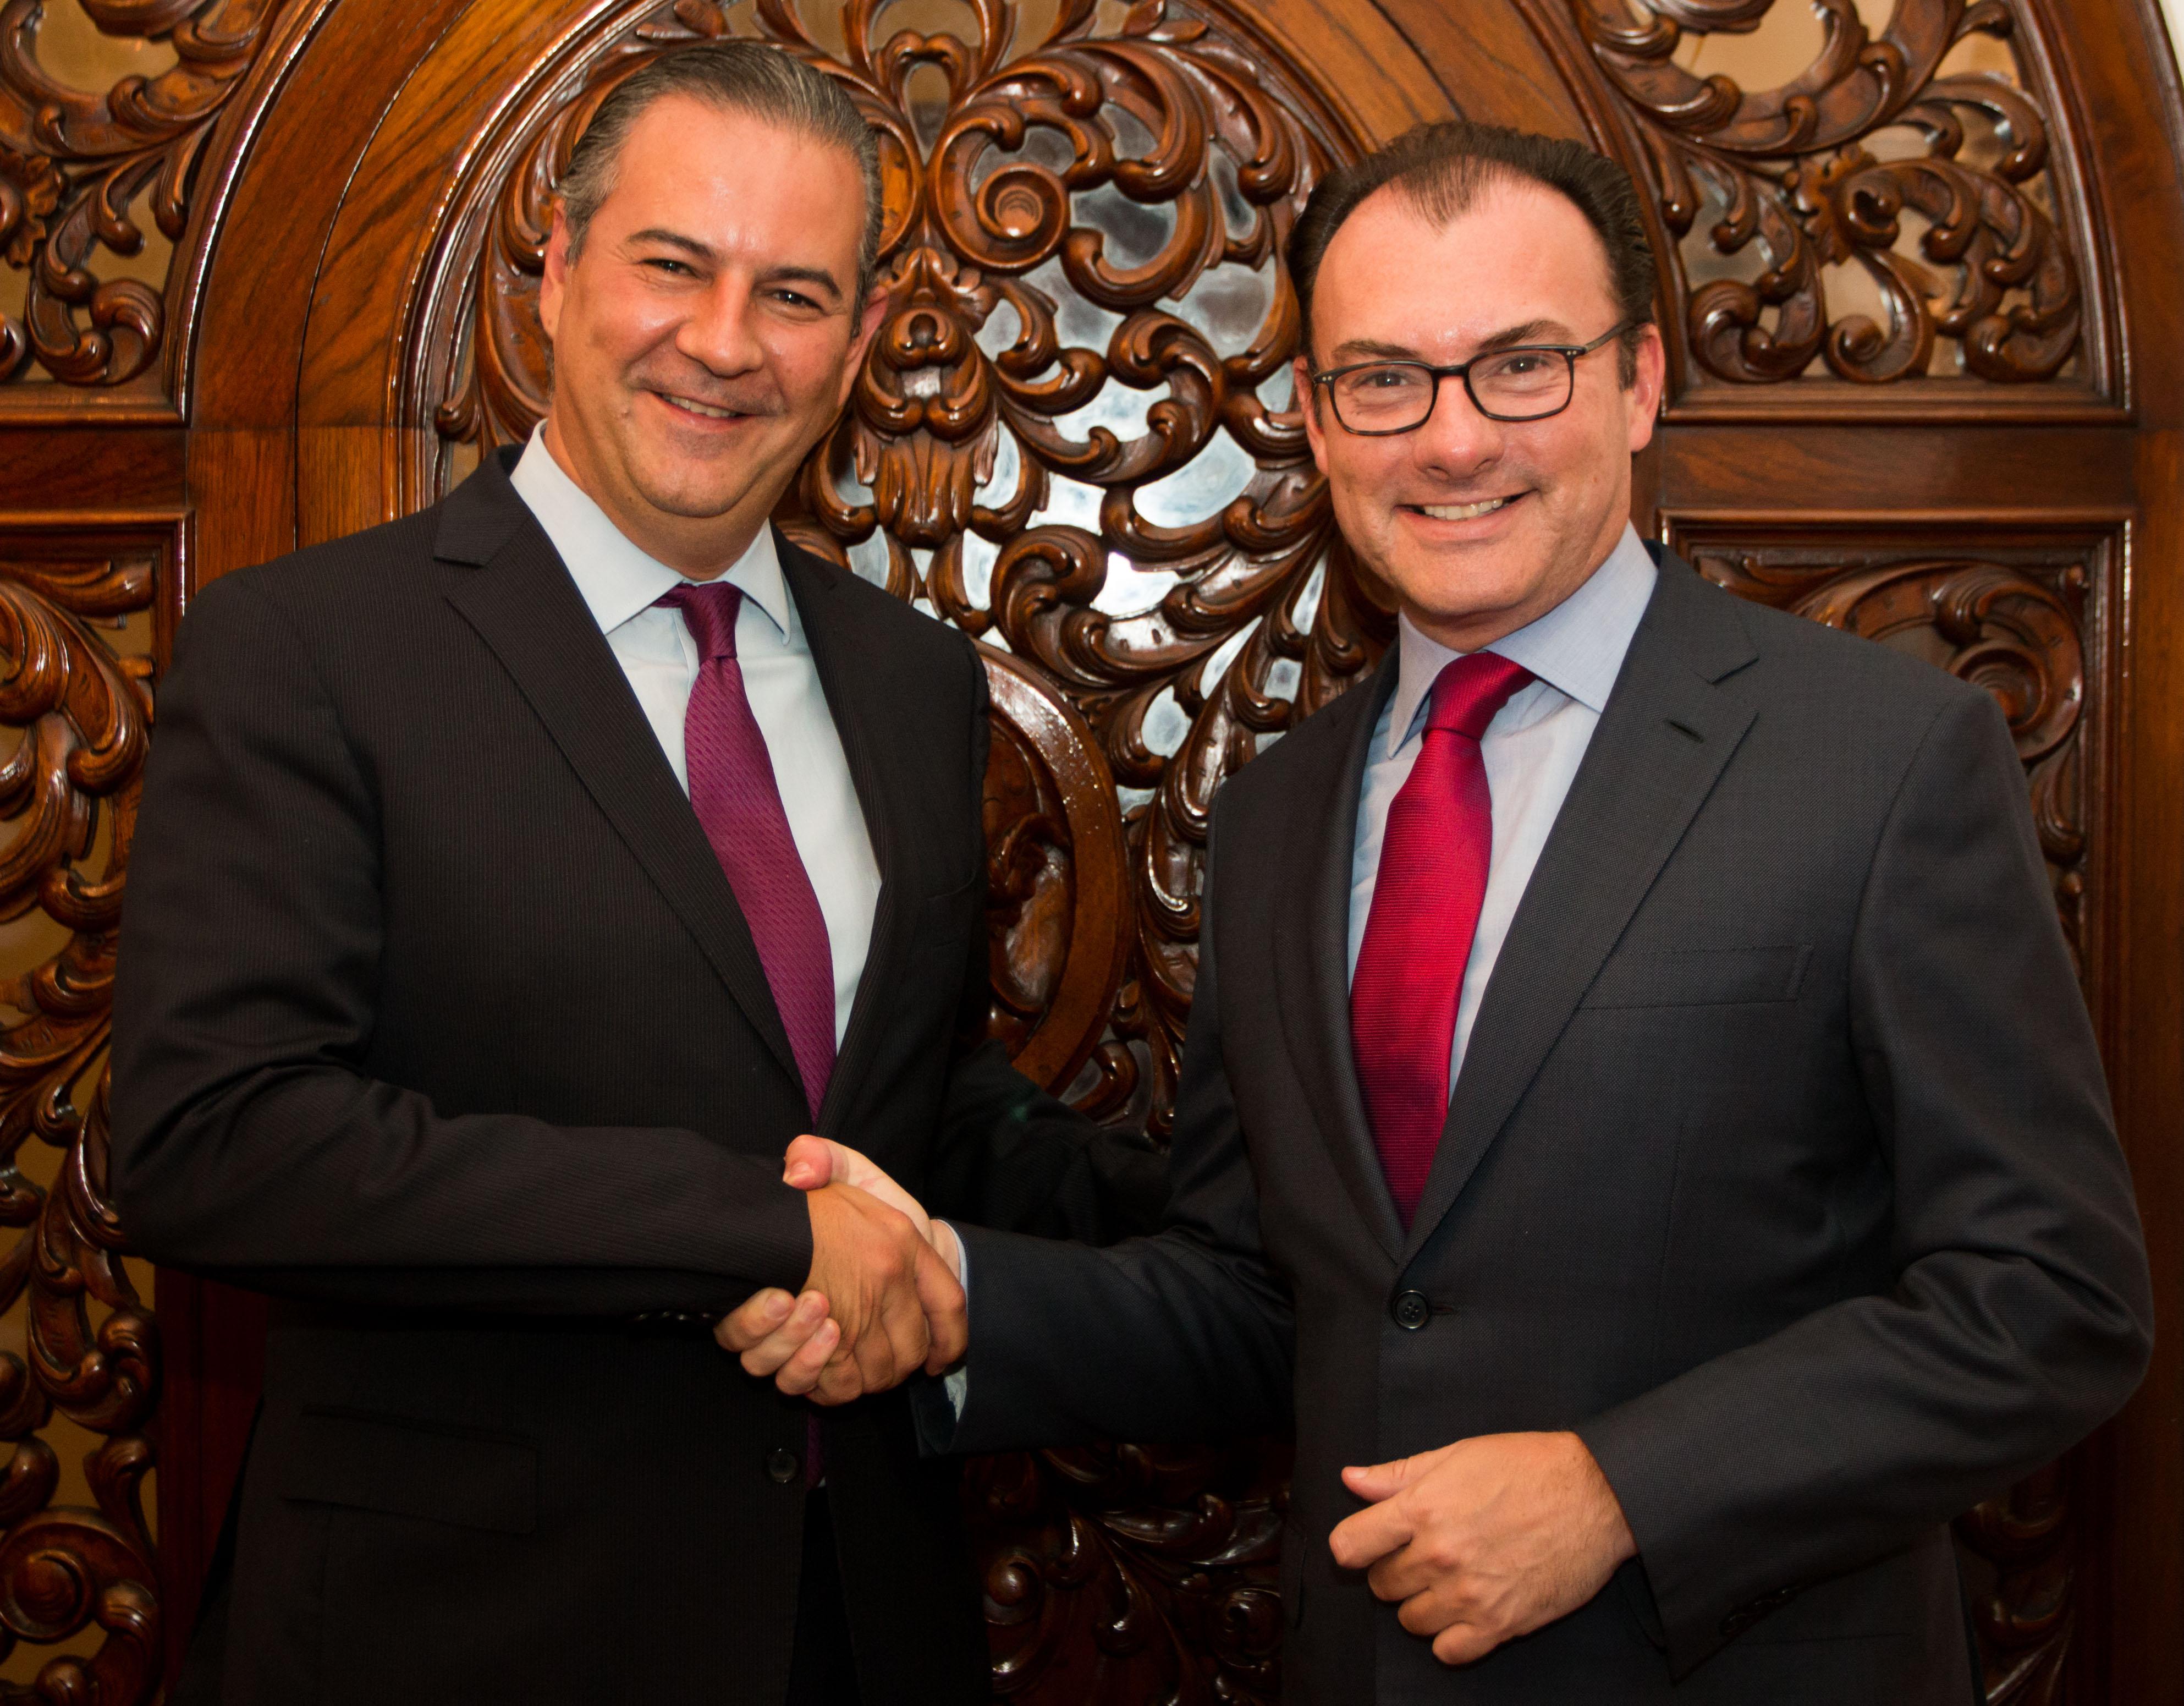 El Secretario de Hacienda y Crédito Público, Dr. Luis Videgaray Caso y el Presidente del Consejo Coordinador Empresarial, Lic. Gerardo Gutiérrez Candiani.